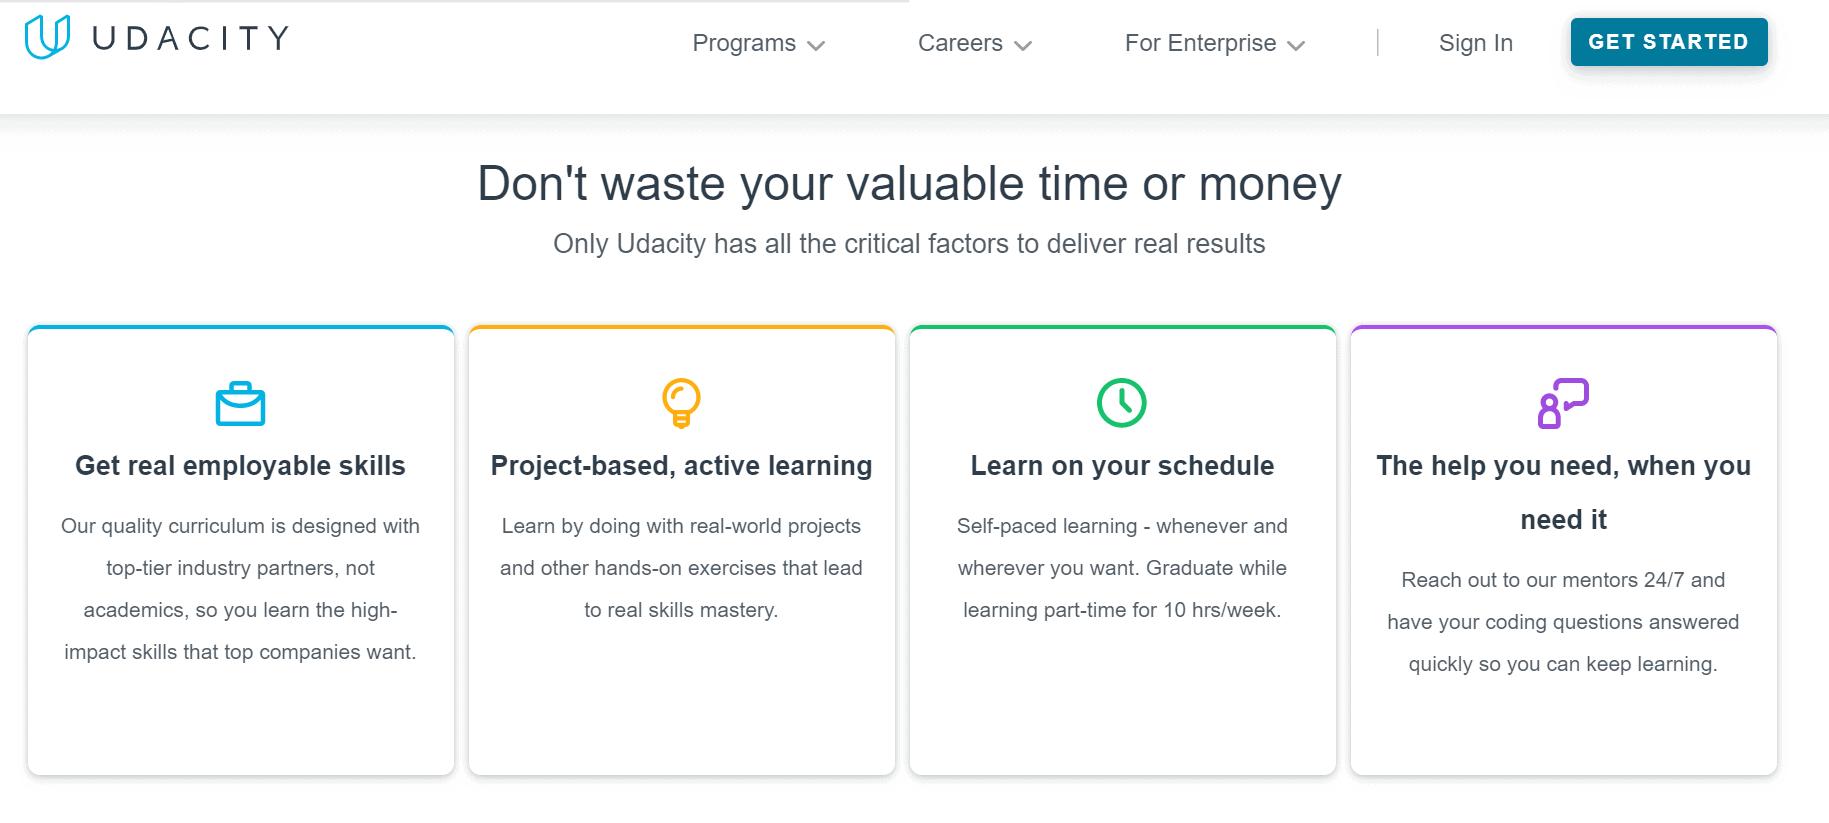 Udacity Learning valuable